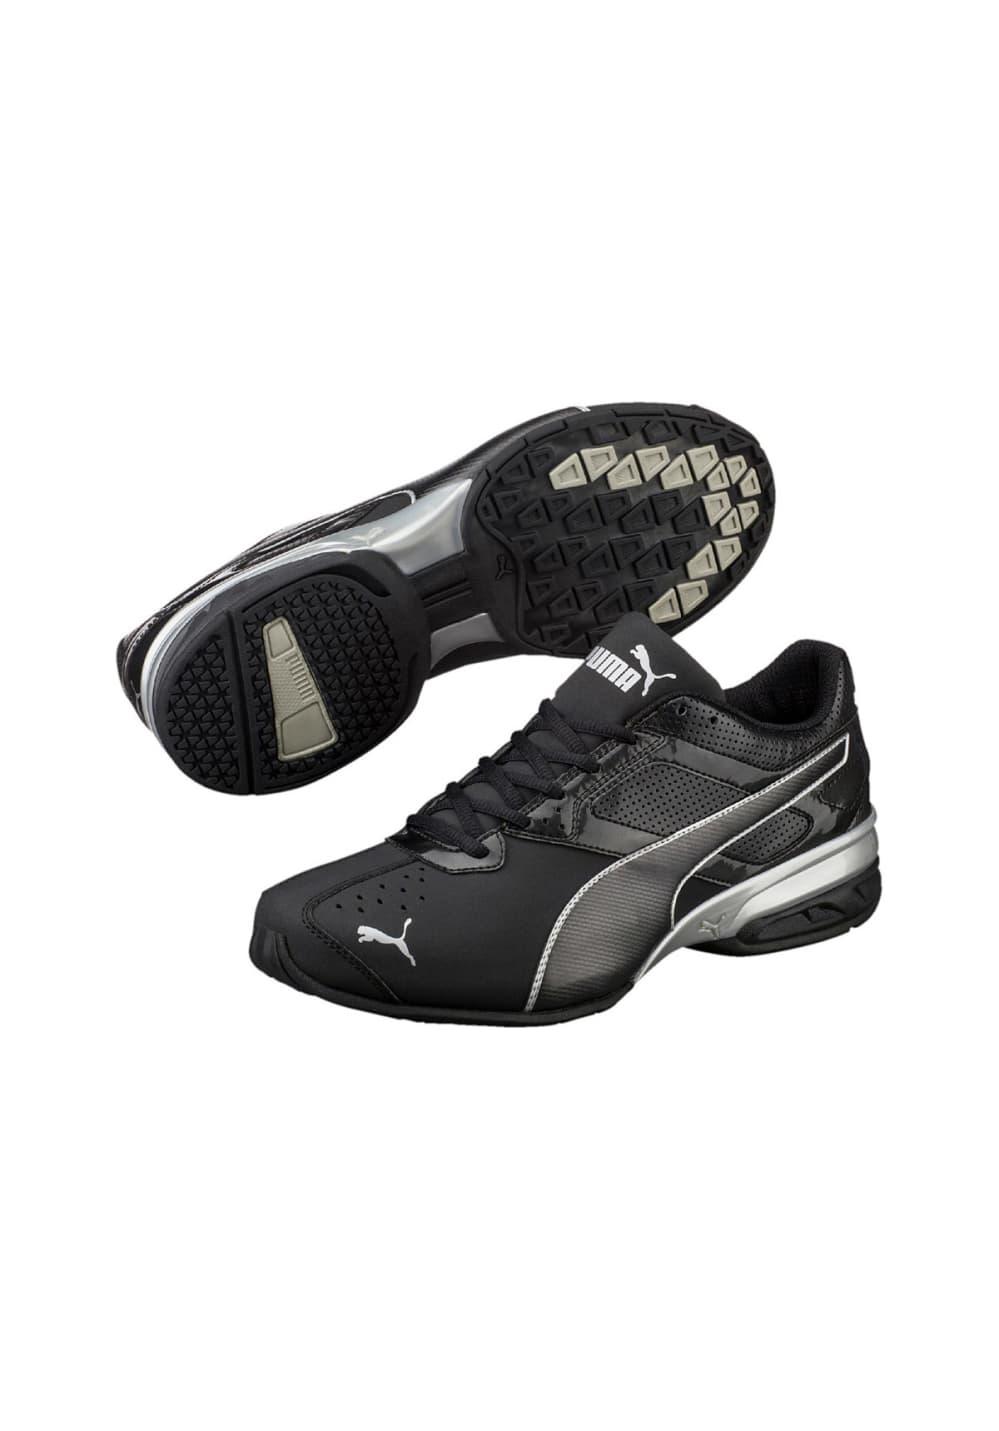 cb16fd7a Puma Tazon 6 Fm - Sneaker for Men - Black